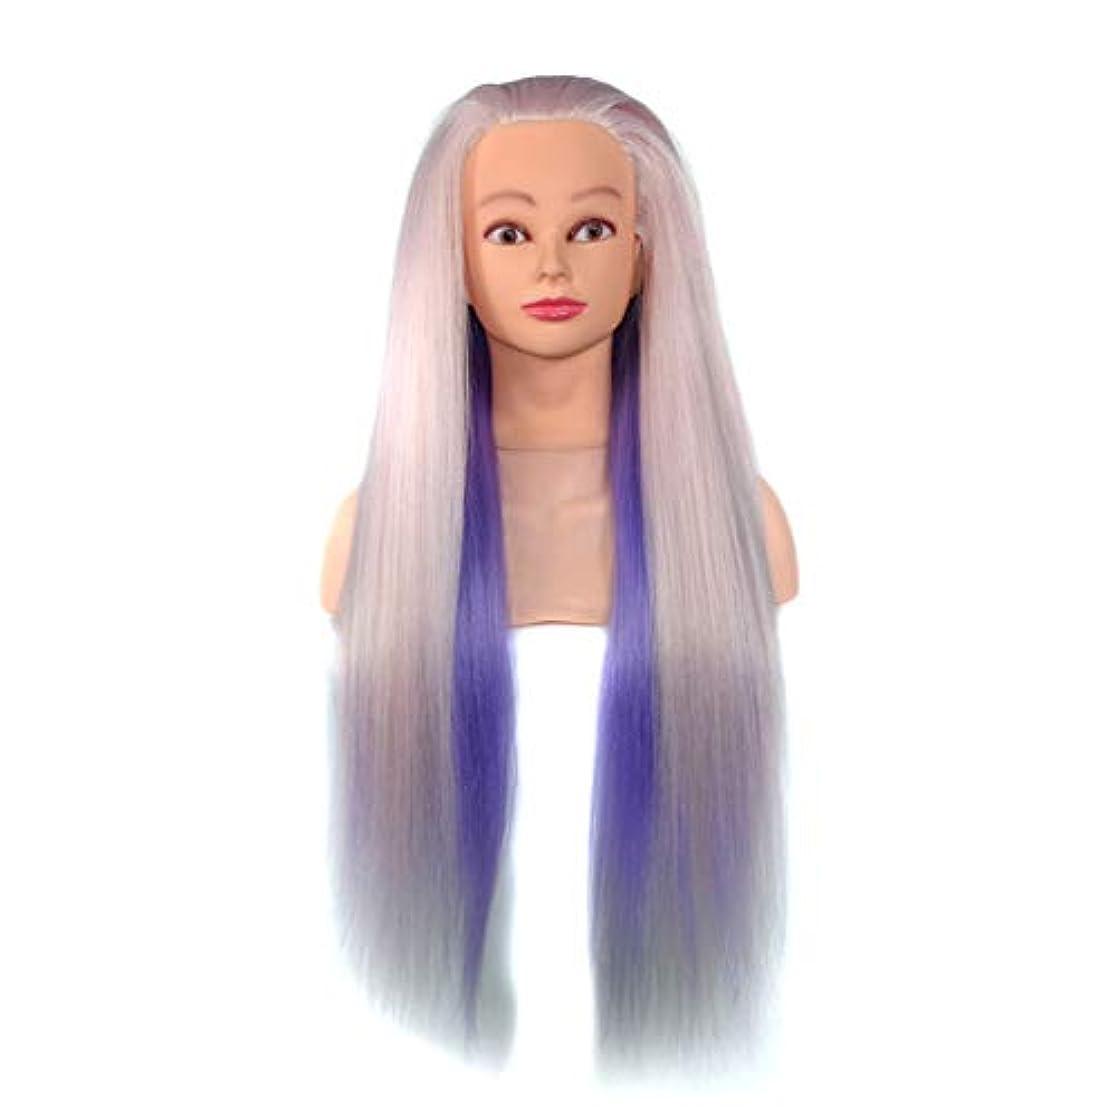 罹患率ジーンズ星高温シルク花嫁編組エクササイズヘッドサロン教育グラデーショントレーニングヘッド理髪学習ヘッドモデル